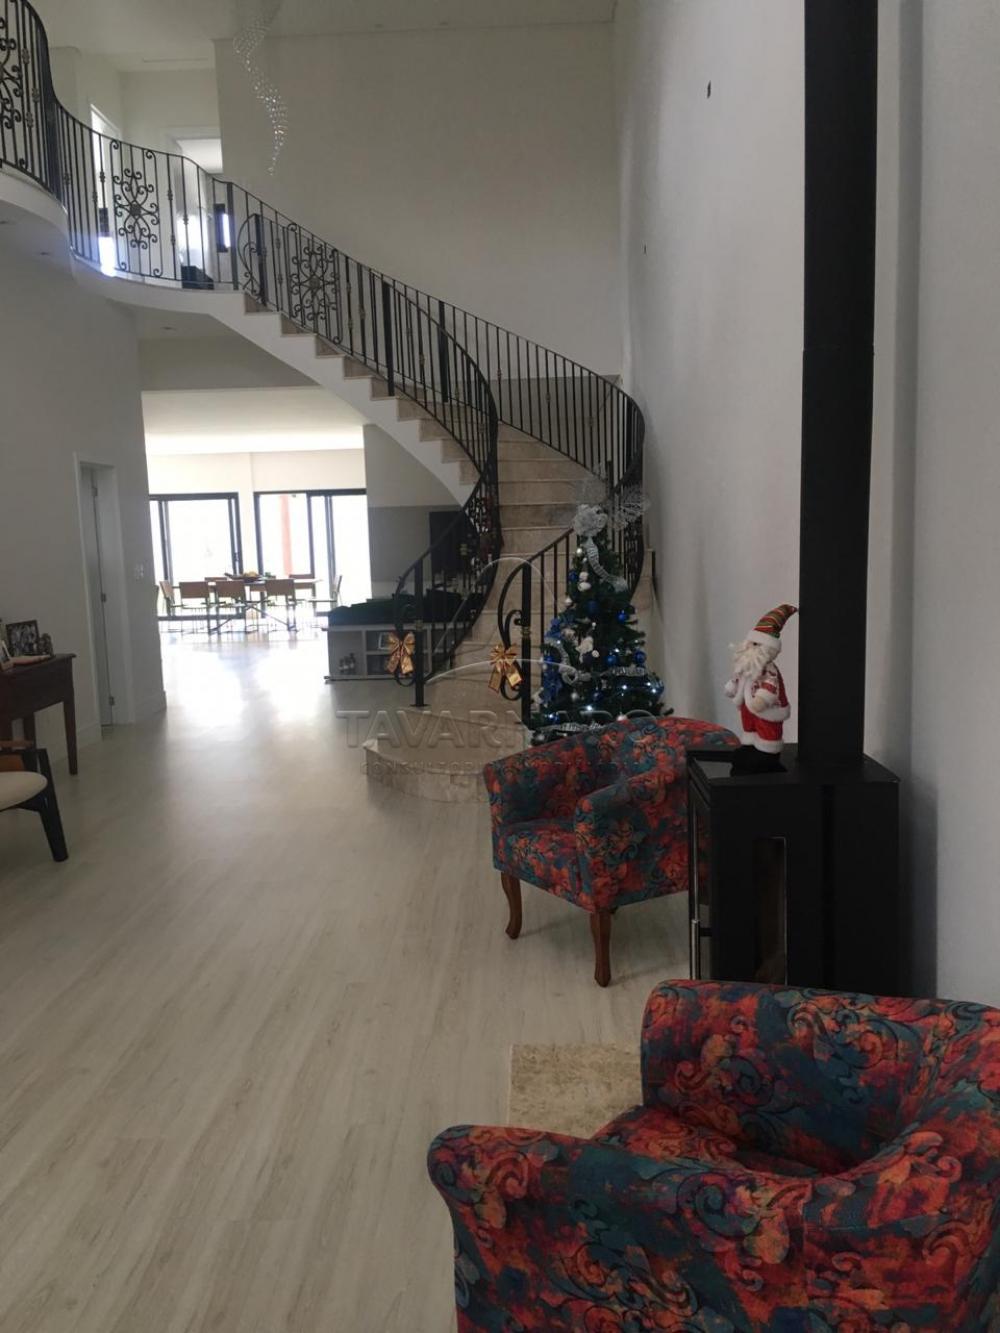 Comprar Casa / Padrão em Guarapuava apenas R$ 1.600.000,00 - Foto 3